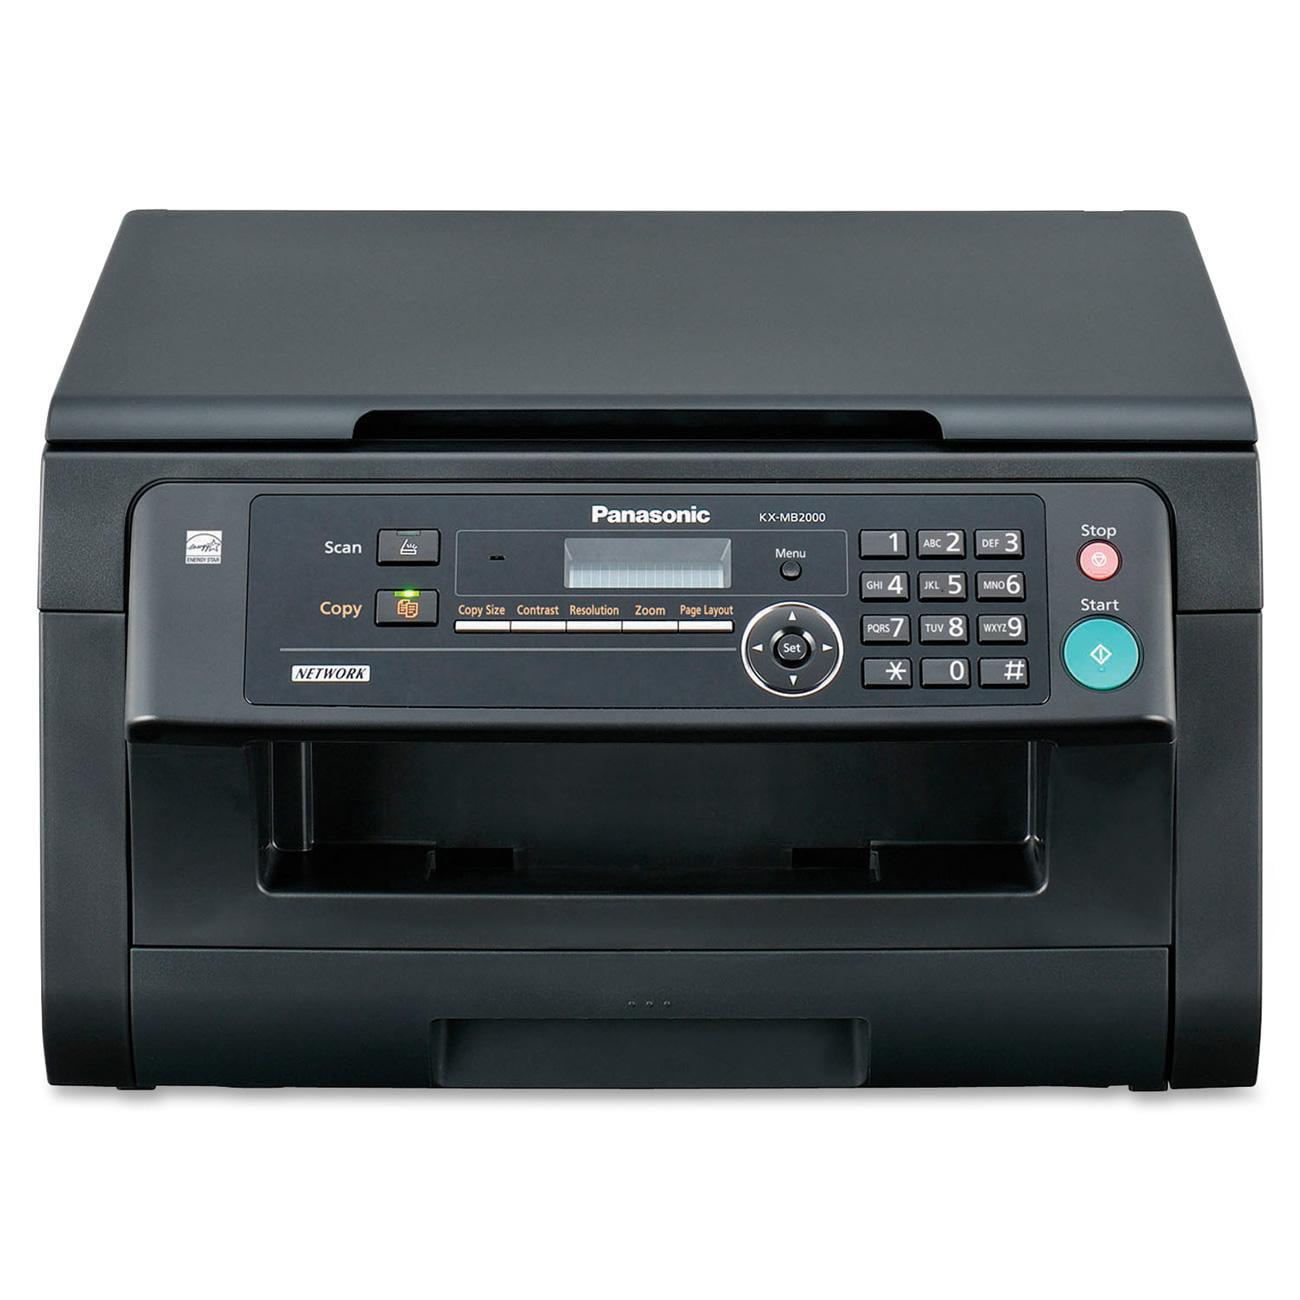 Panasonic, PANKXMB2000, Flatbed Laser Multifunction Printer, 1 Each, Black